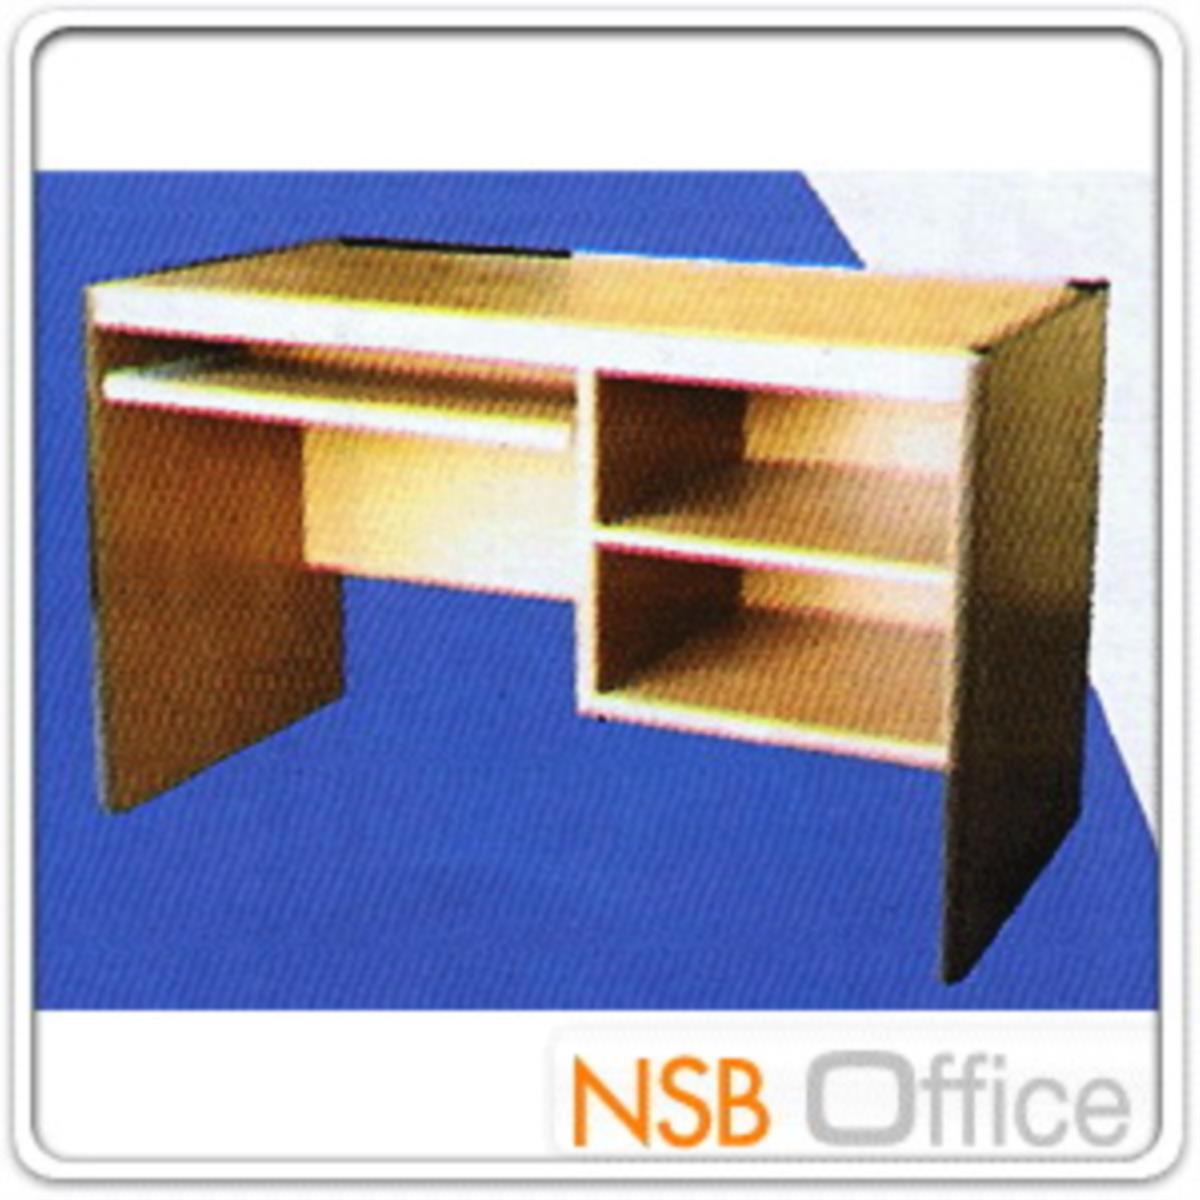 A02A012:โต๊ะคอมพิวเตอร์ 2 ช่องโล่ง  ขนาด 100W ,120W cm.  พร้อมรางคีบอร์ด